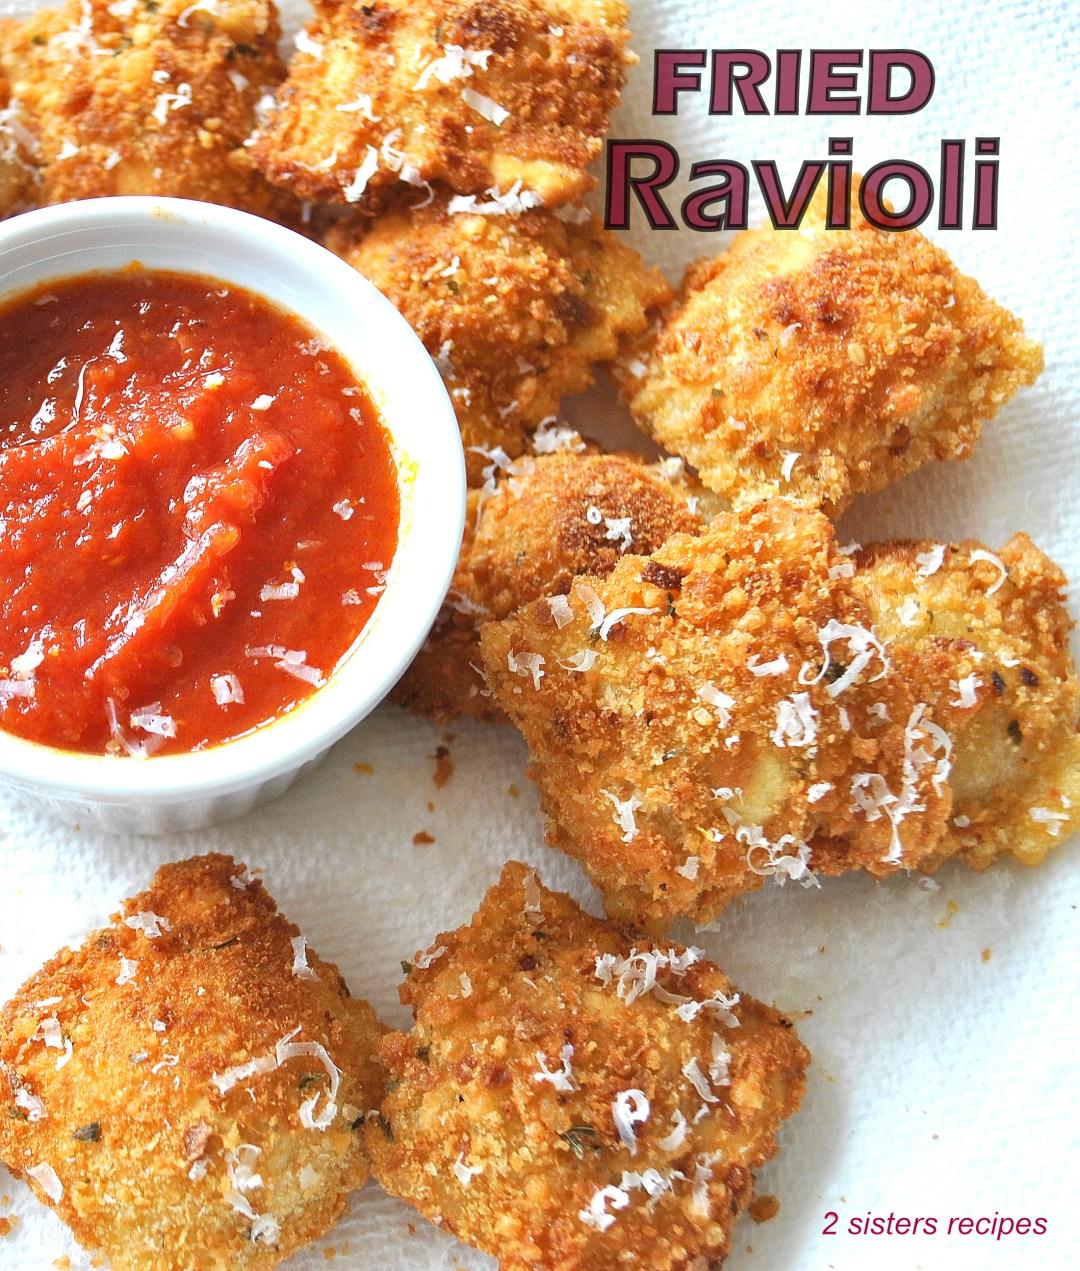 Fried Ravioli by 2sistersrecipes.com